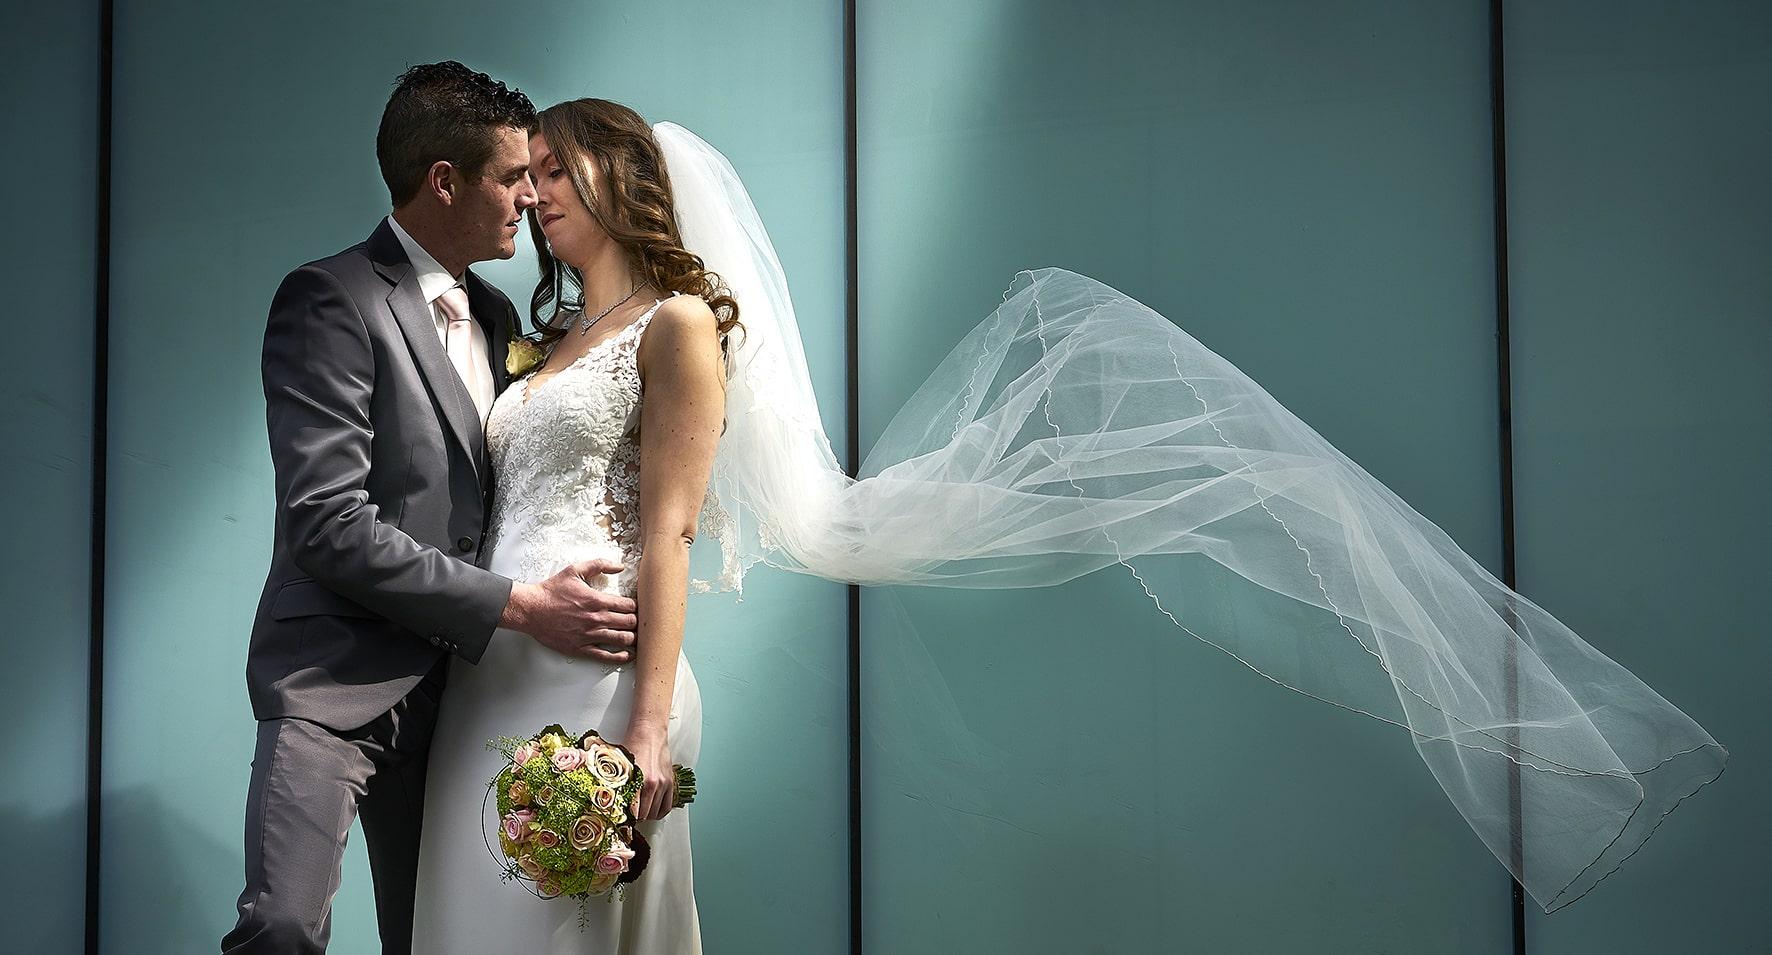 prijzen huwelijksfotografen